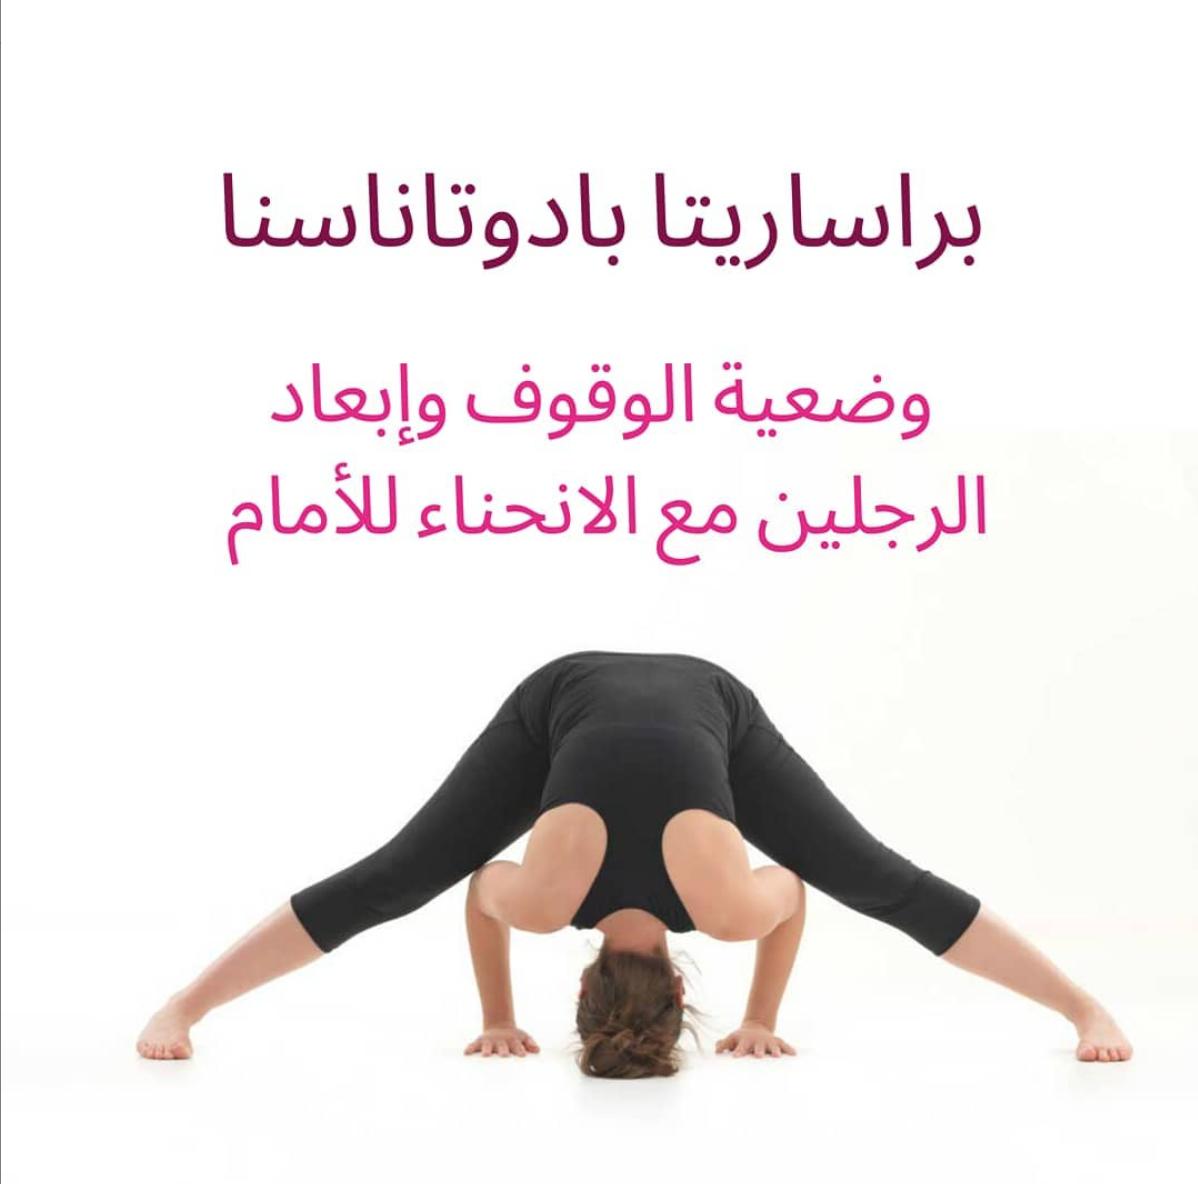 خطوات القيام بالوضعية ١ قف في وضعية الجبل وخذ نفسا عميقا ثم أبع د قدميك عن بعضهما مسافة ٣ إلى ٤ أقدام تأكد أن تكون Instagram Yoga Sanctuary Photo And Video